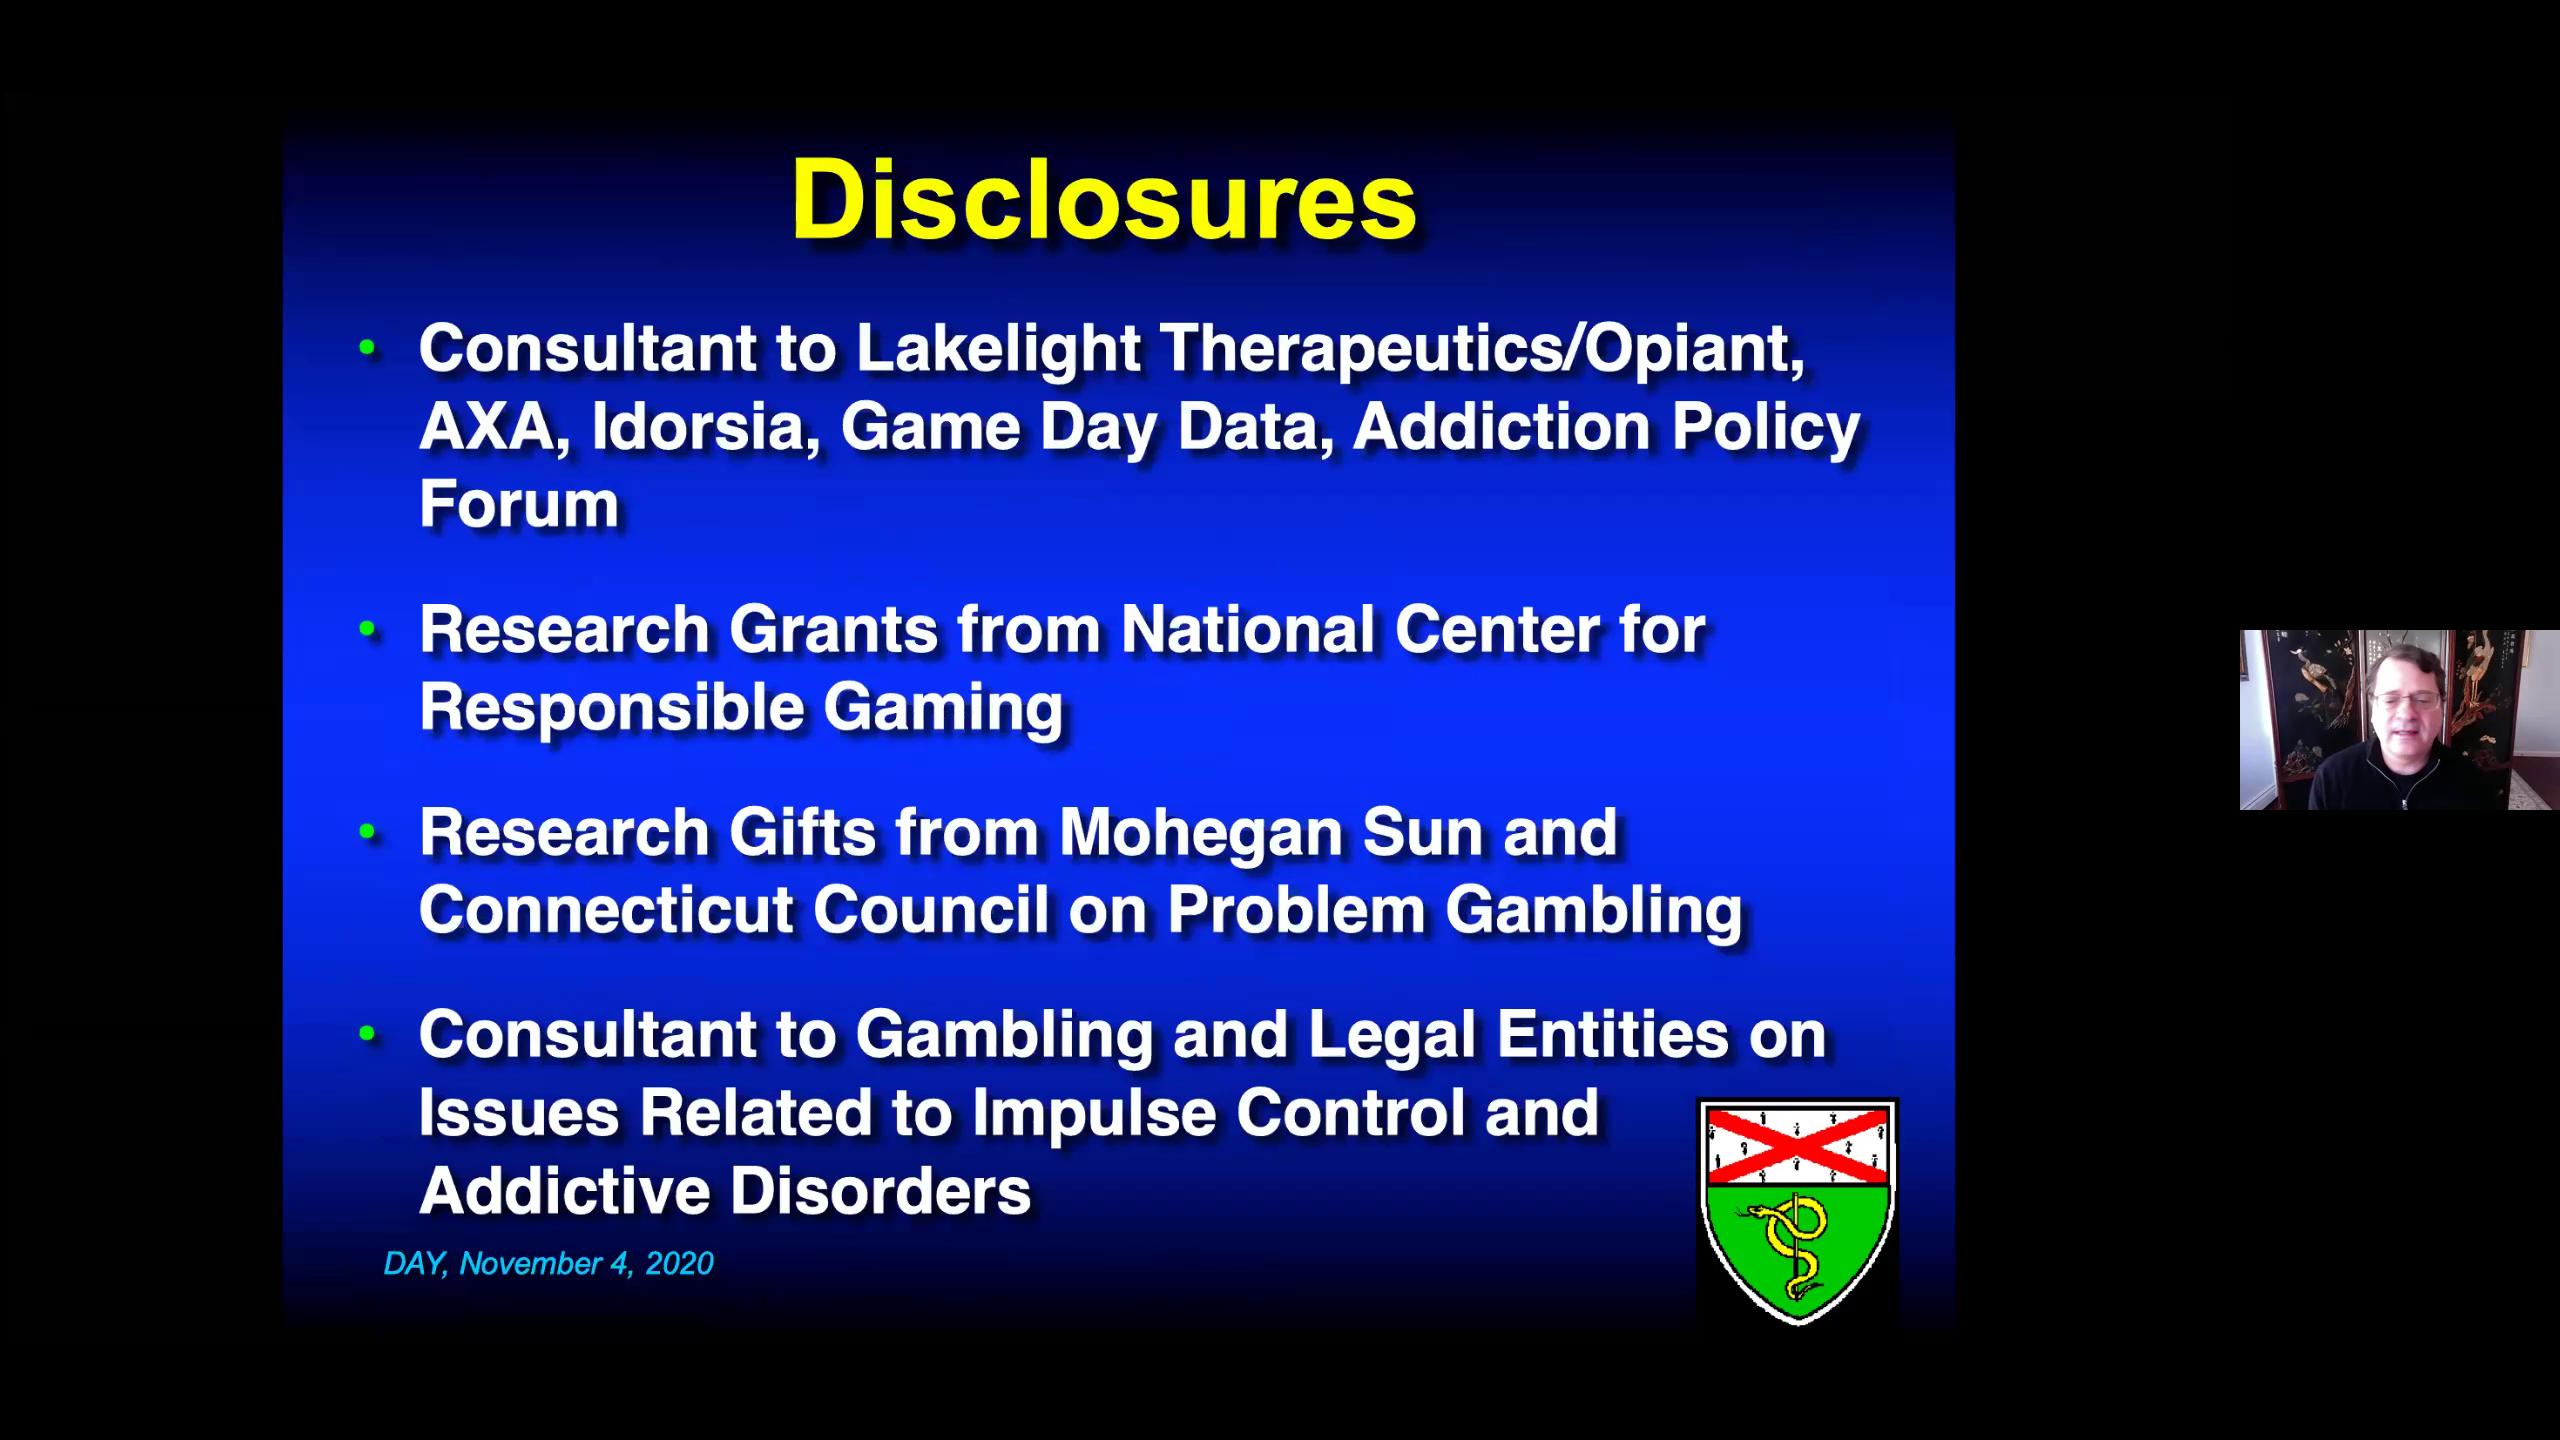 Division of Addictions Seminar: November 4, 2020